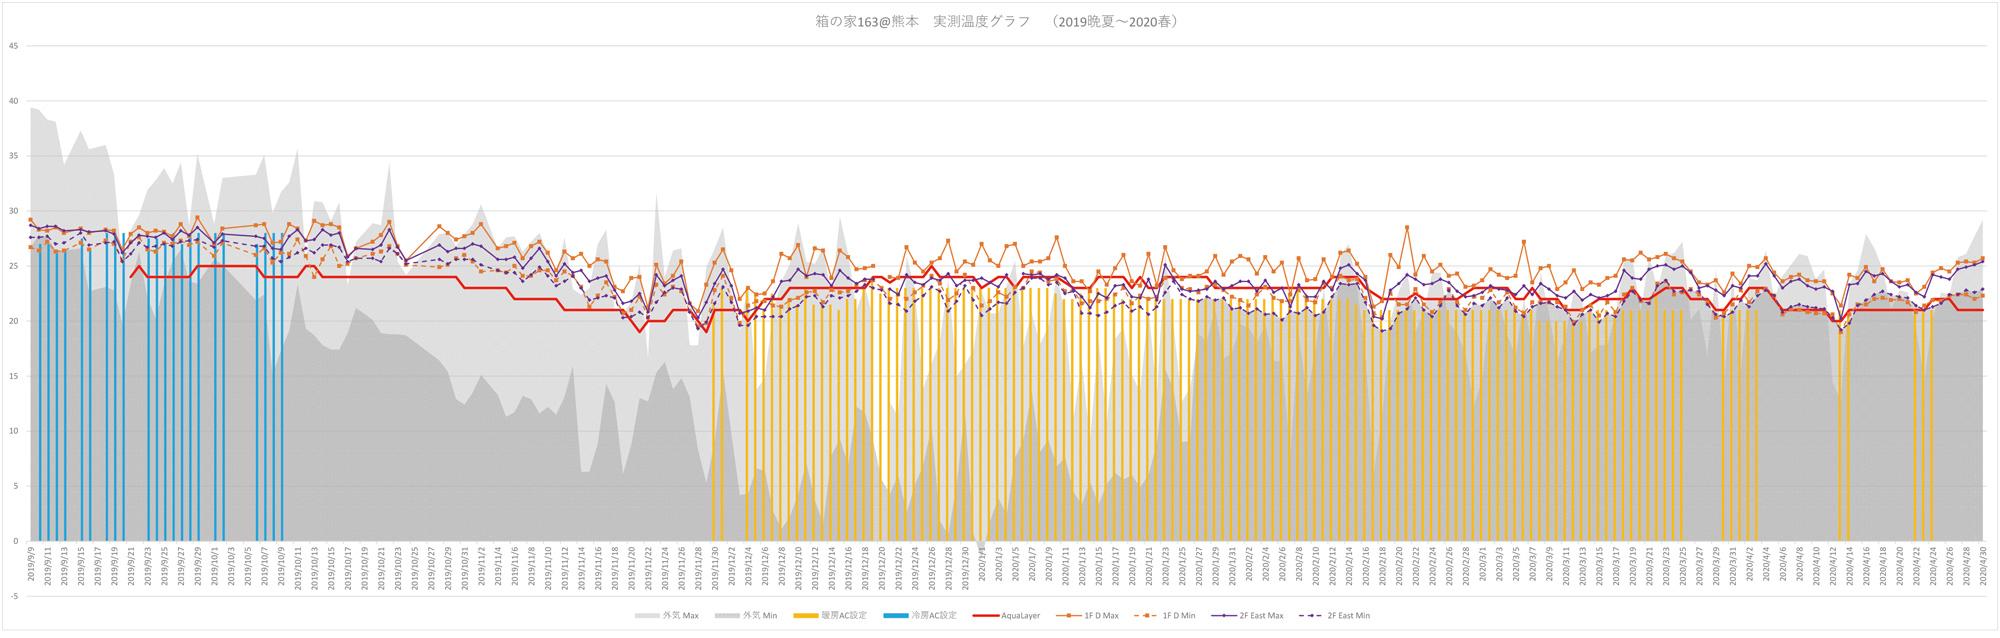 box house163@kumamoto_graph2